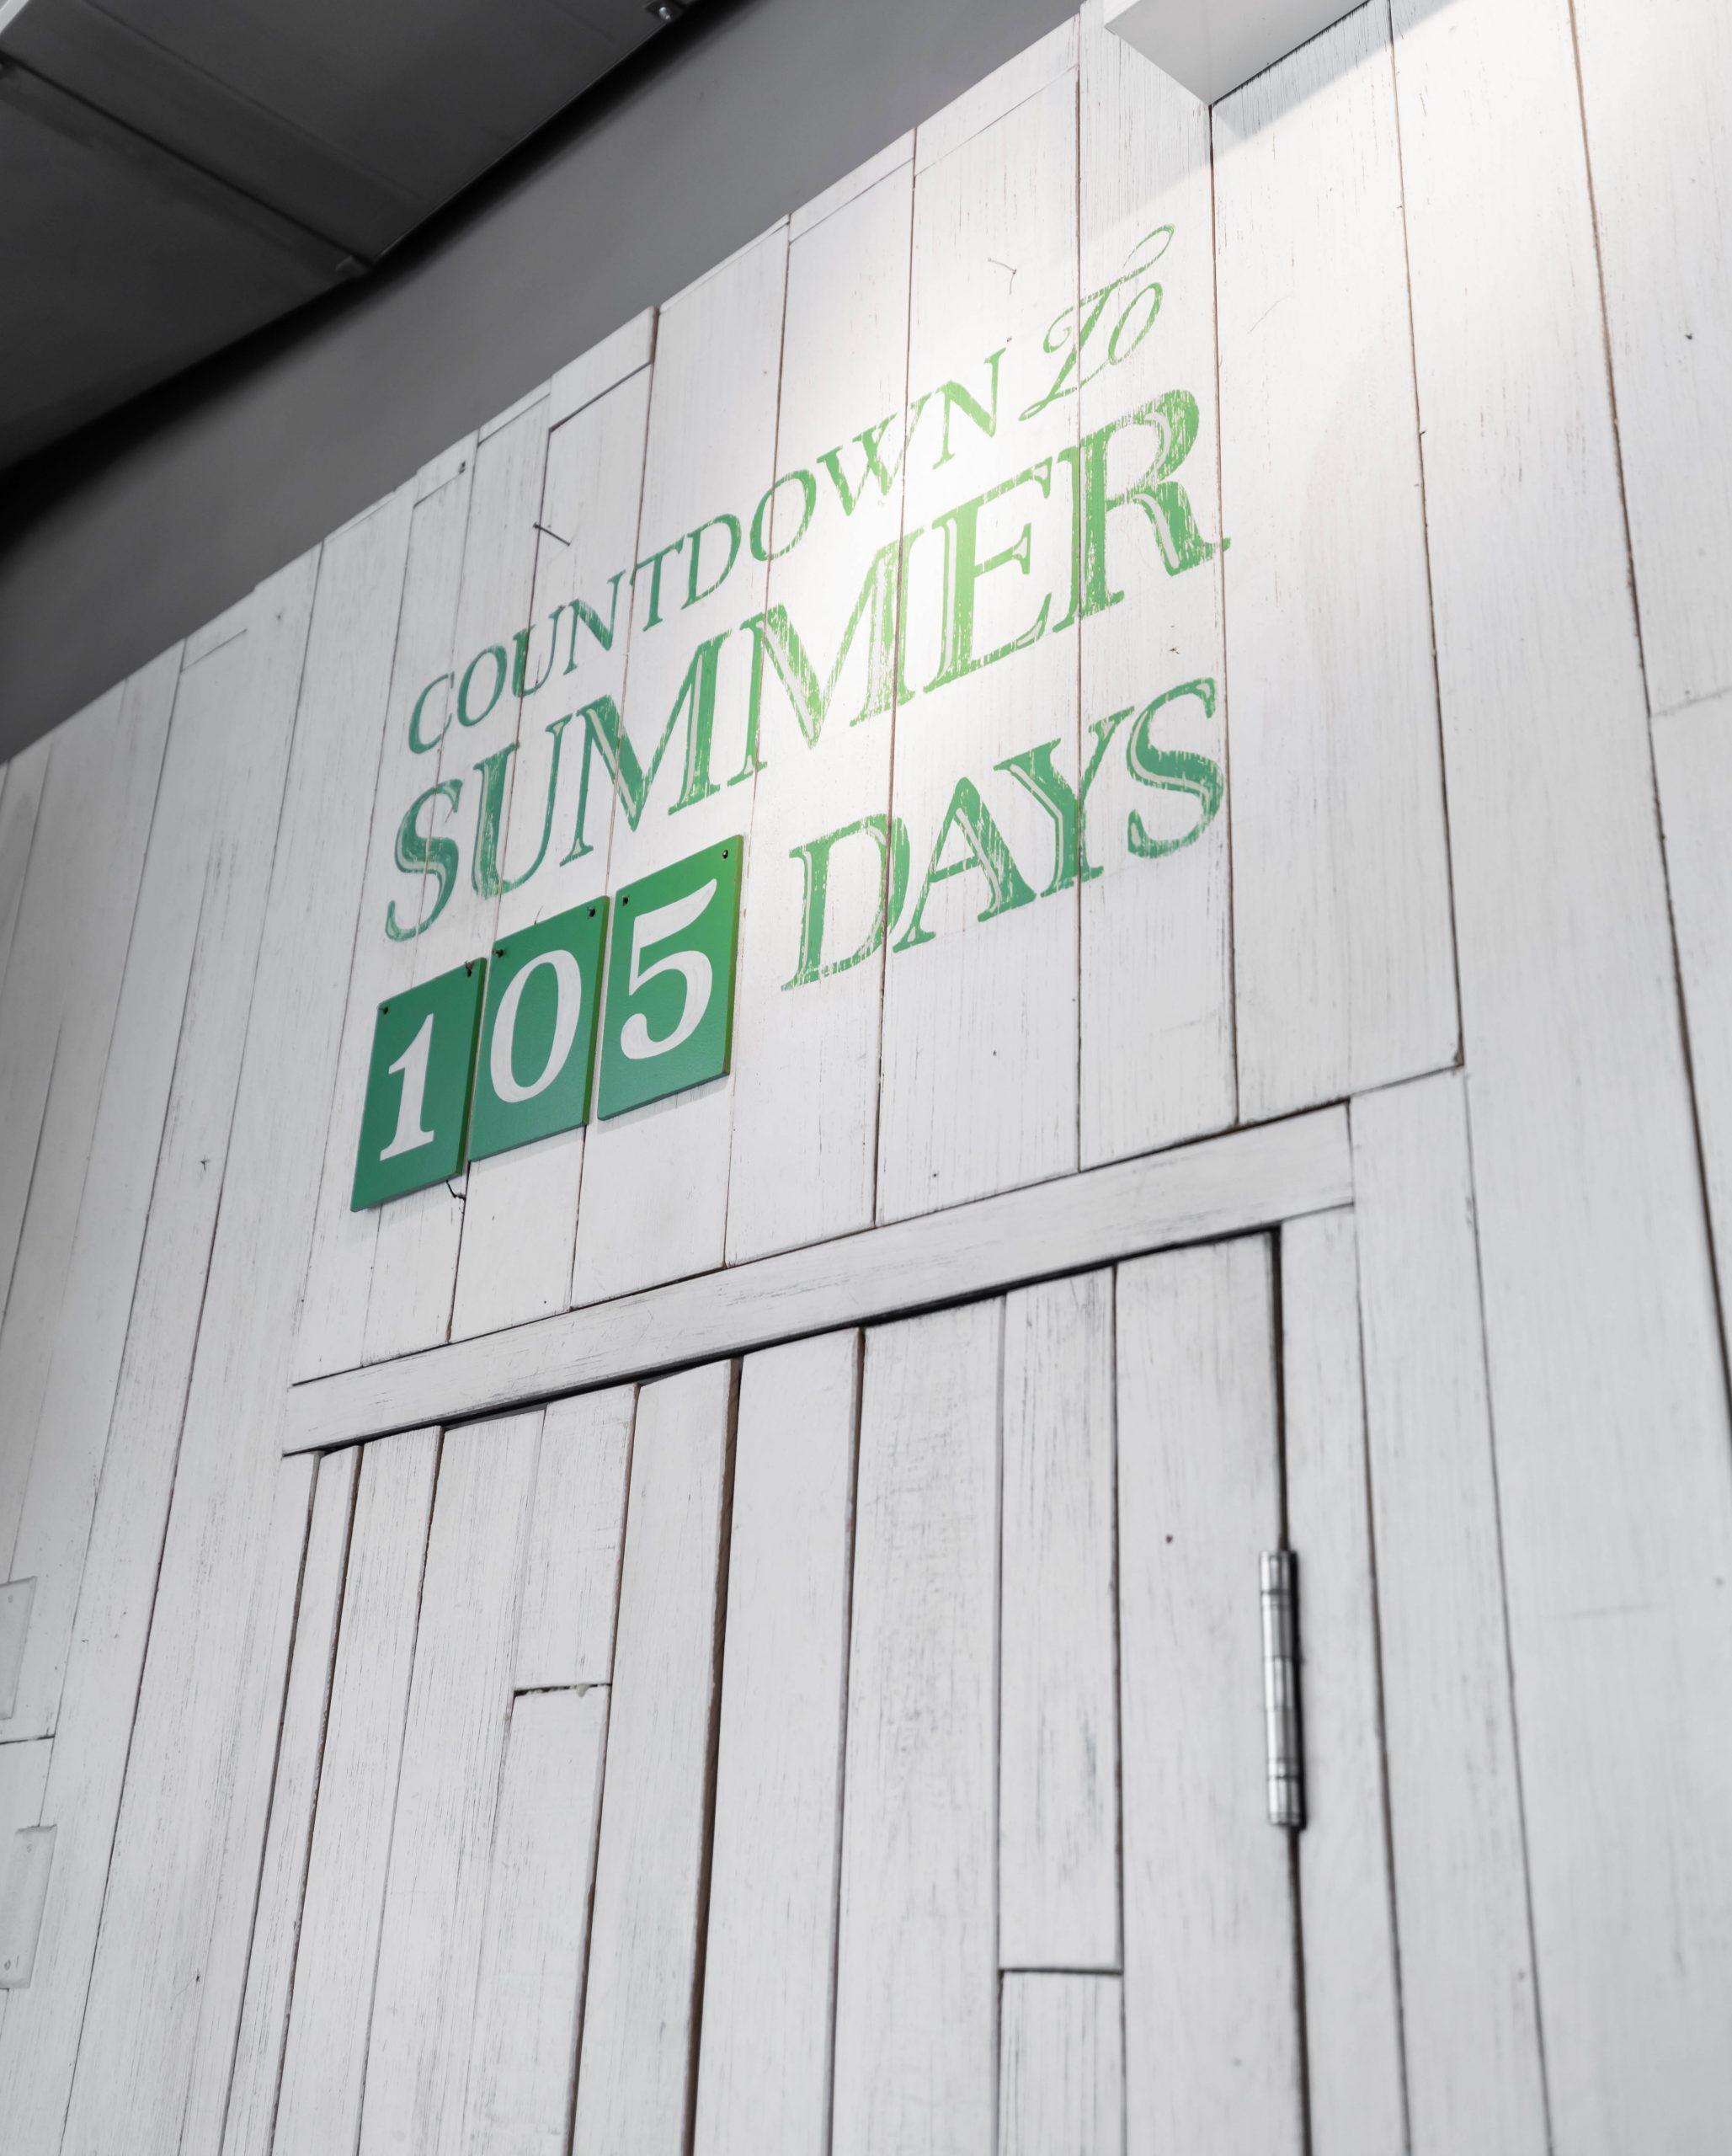 Countdown Until Summer Summer House Santa Monica Vegan Friendly Gluten Free Restaurant in Chicago, Illinois Gold Coast by Annie Fairfax